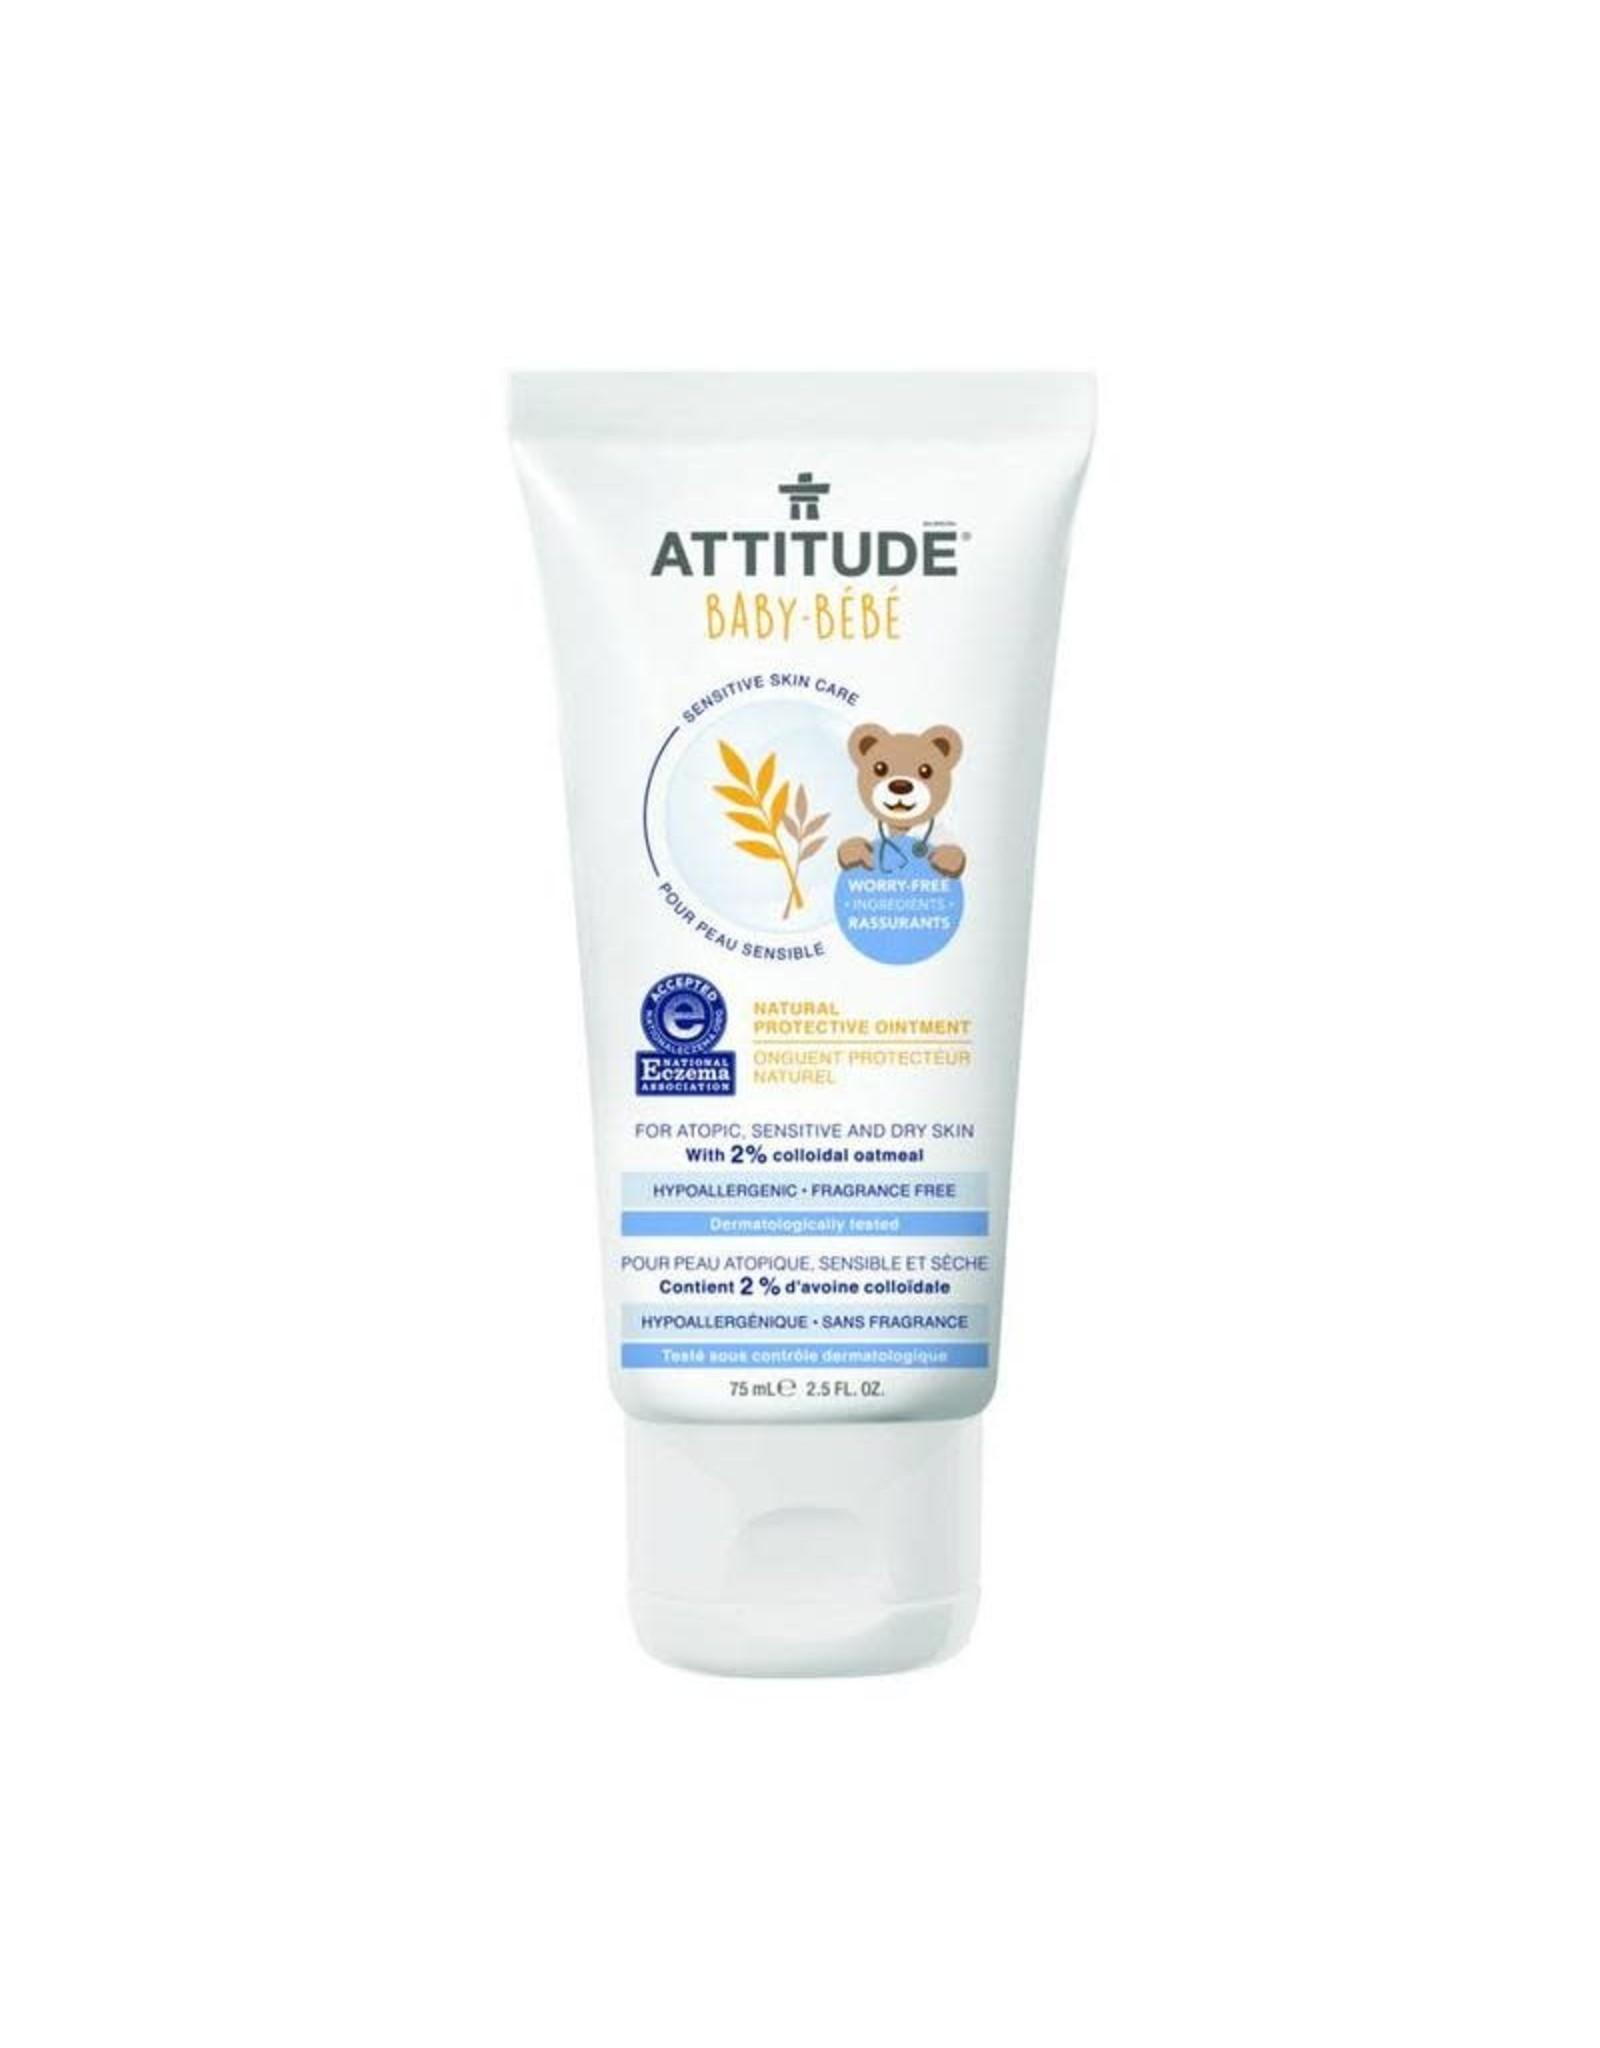 Attitude Attitude Sensitive Skin Protective Ointment